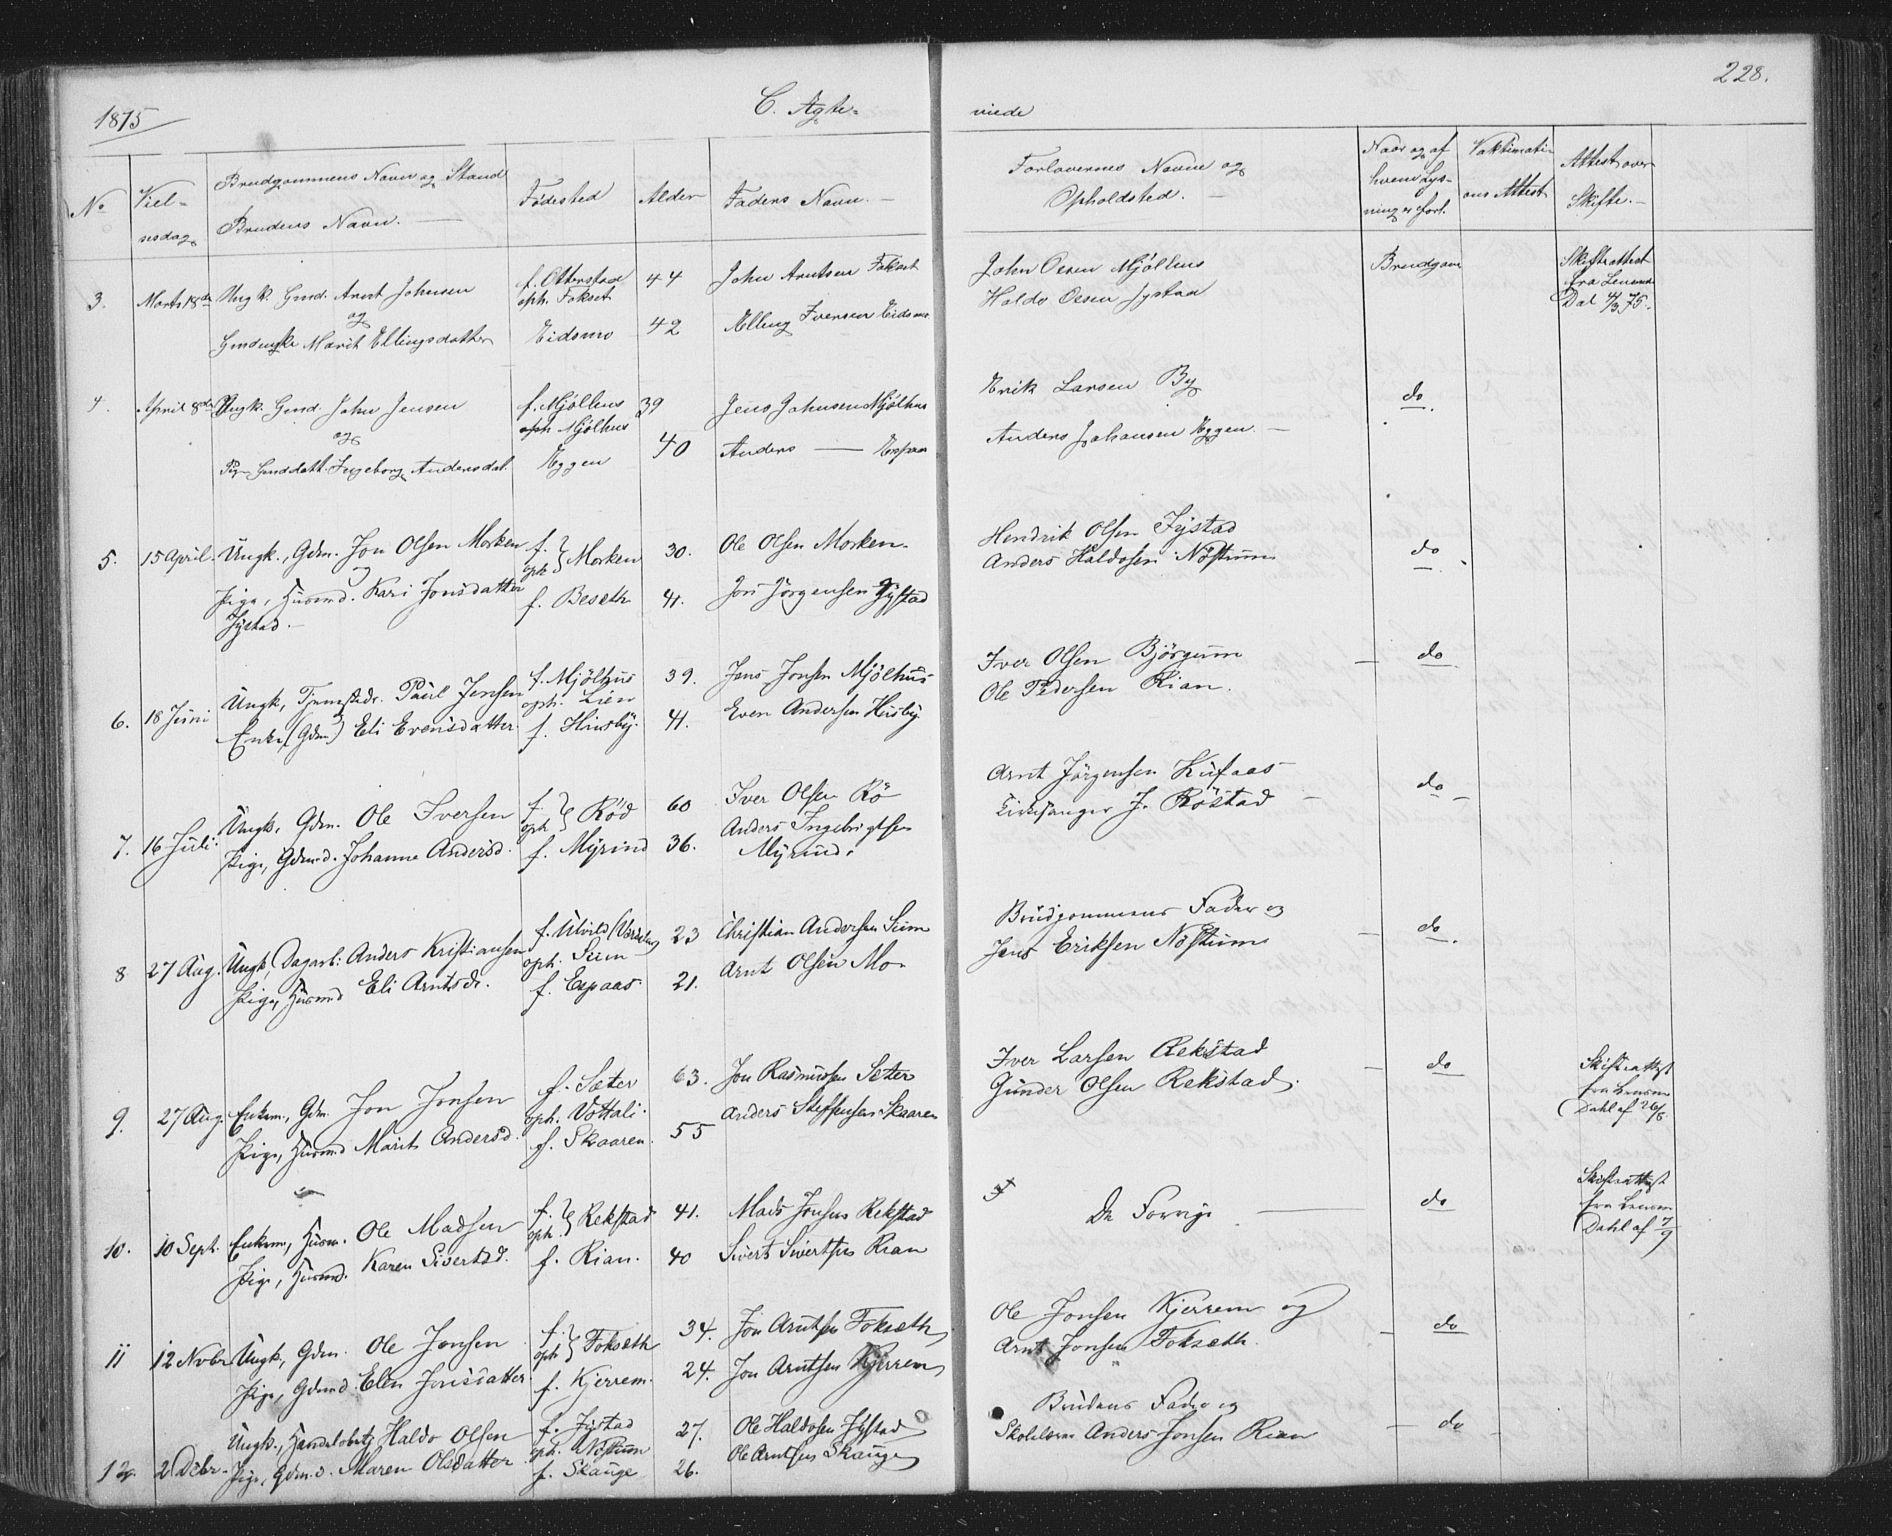 SAT, Ministerialprotokoller, klokkerbøker og fødselsregistre - Sør-Trøndelag, 667/L0798: Klokkerbok nr. 667C03, 1867-1929, s. 228